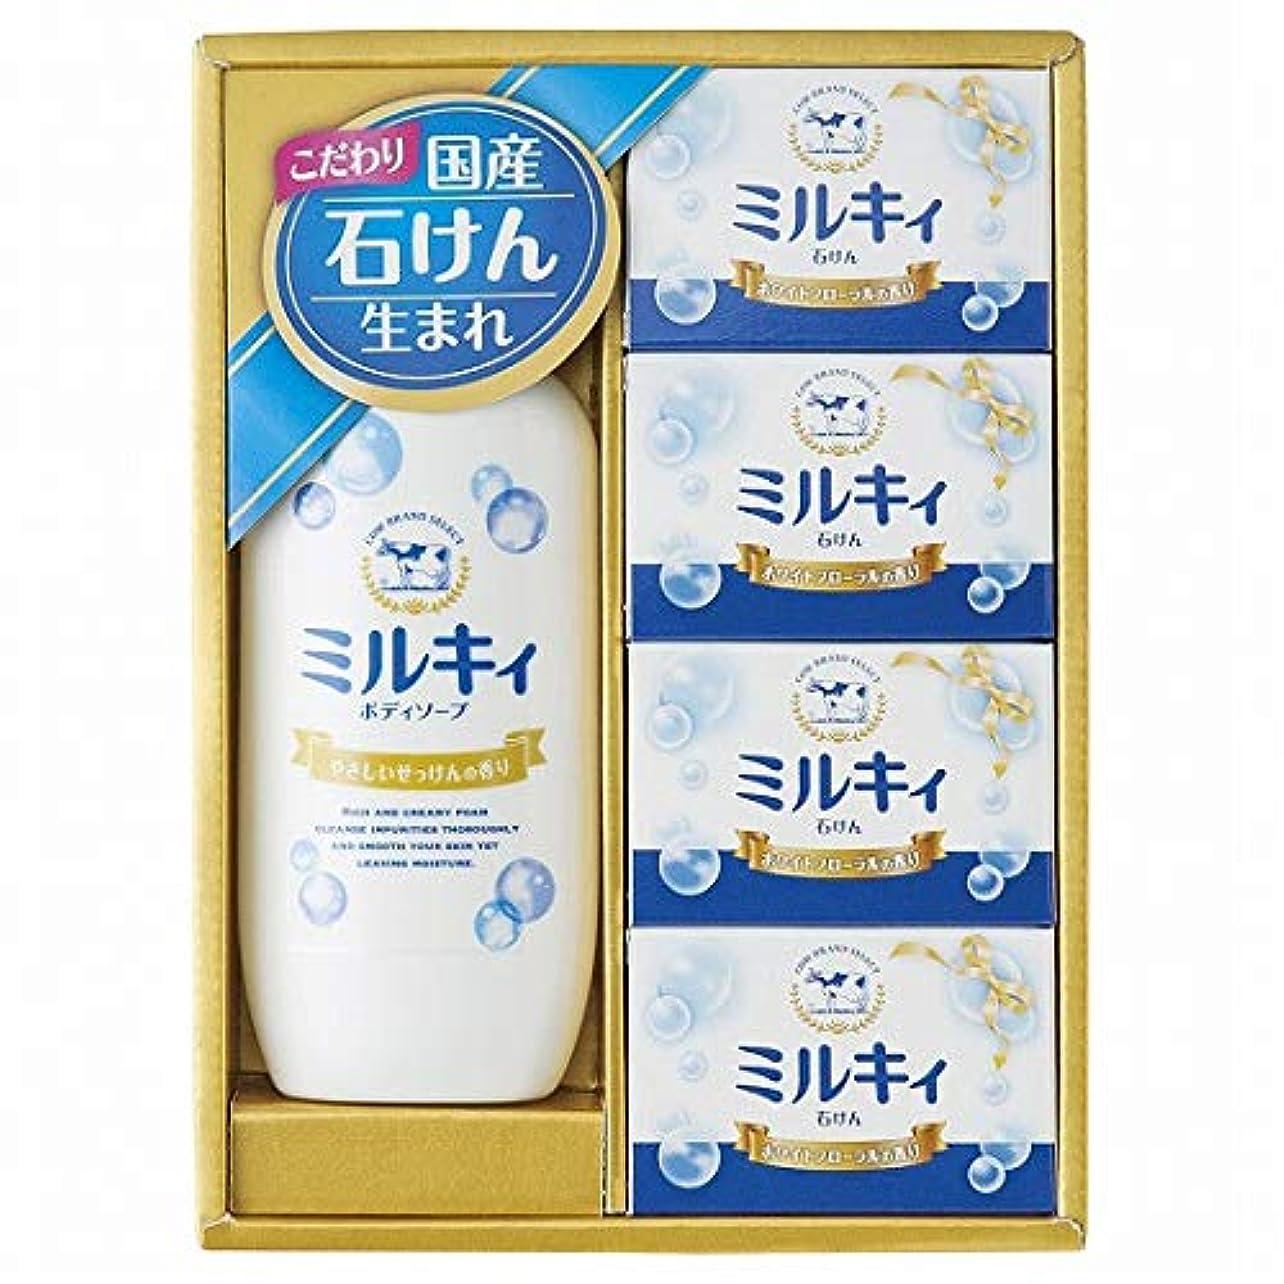 鏡取得ドメイン牛乳石鹸 カウブランドセレクトギフトセット